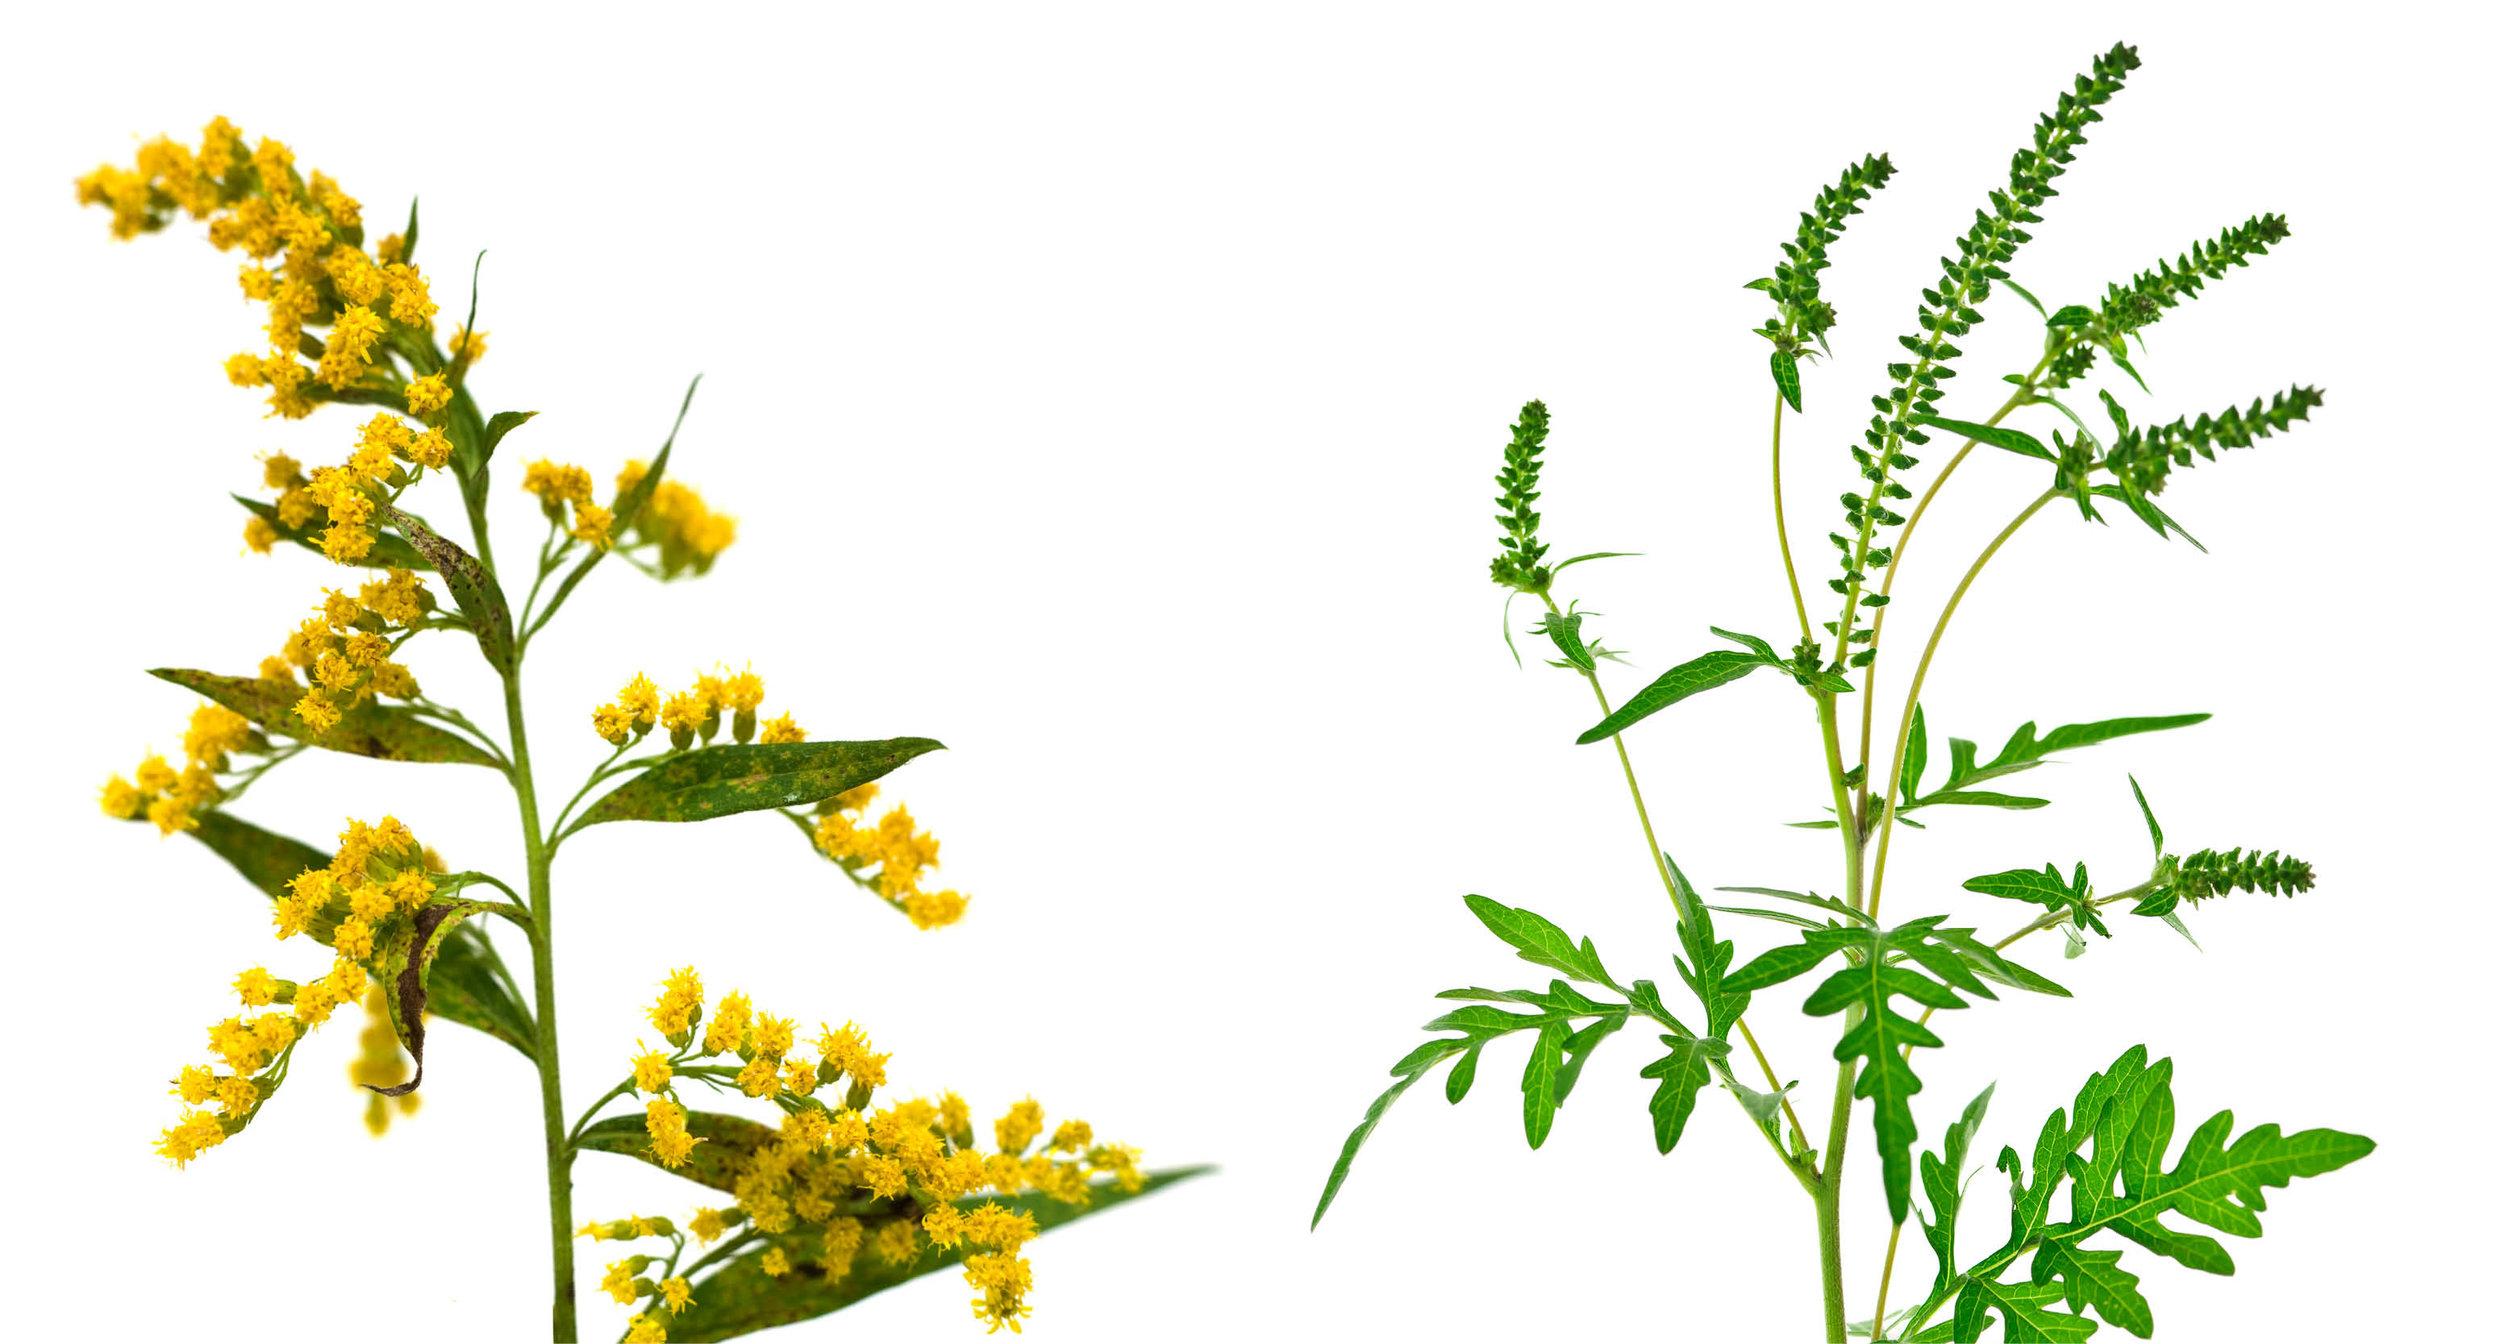 ragweed-and-goldenrod.jpg